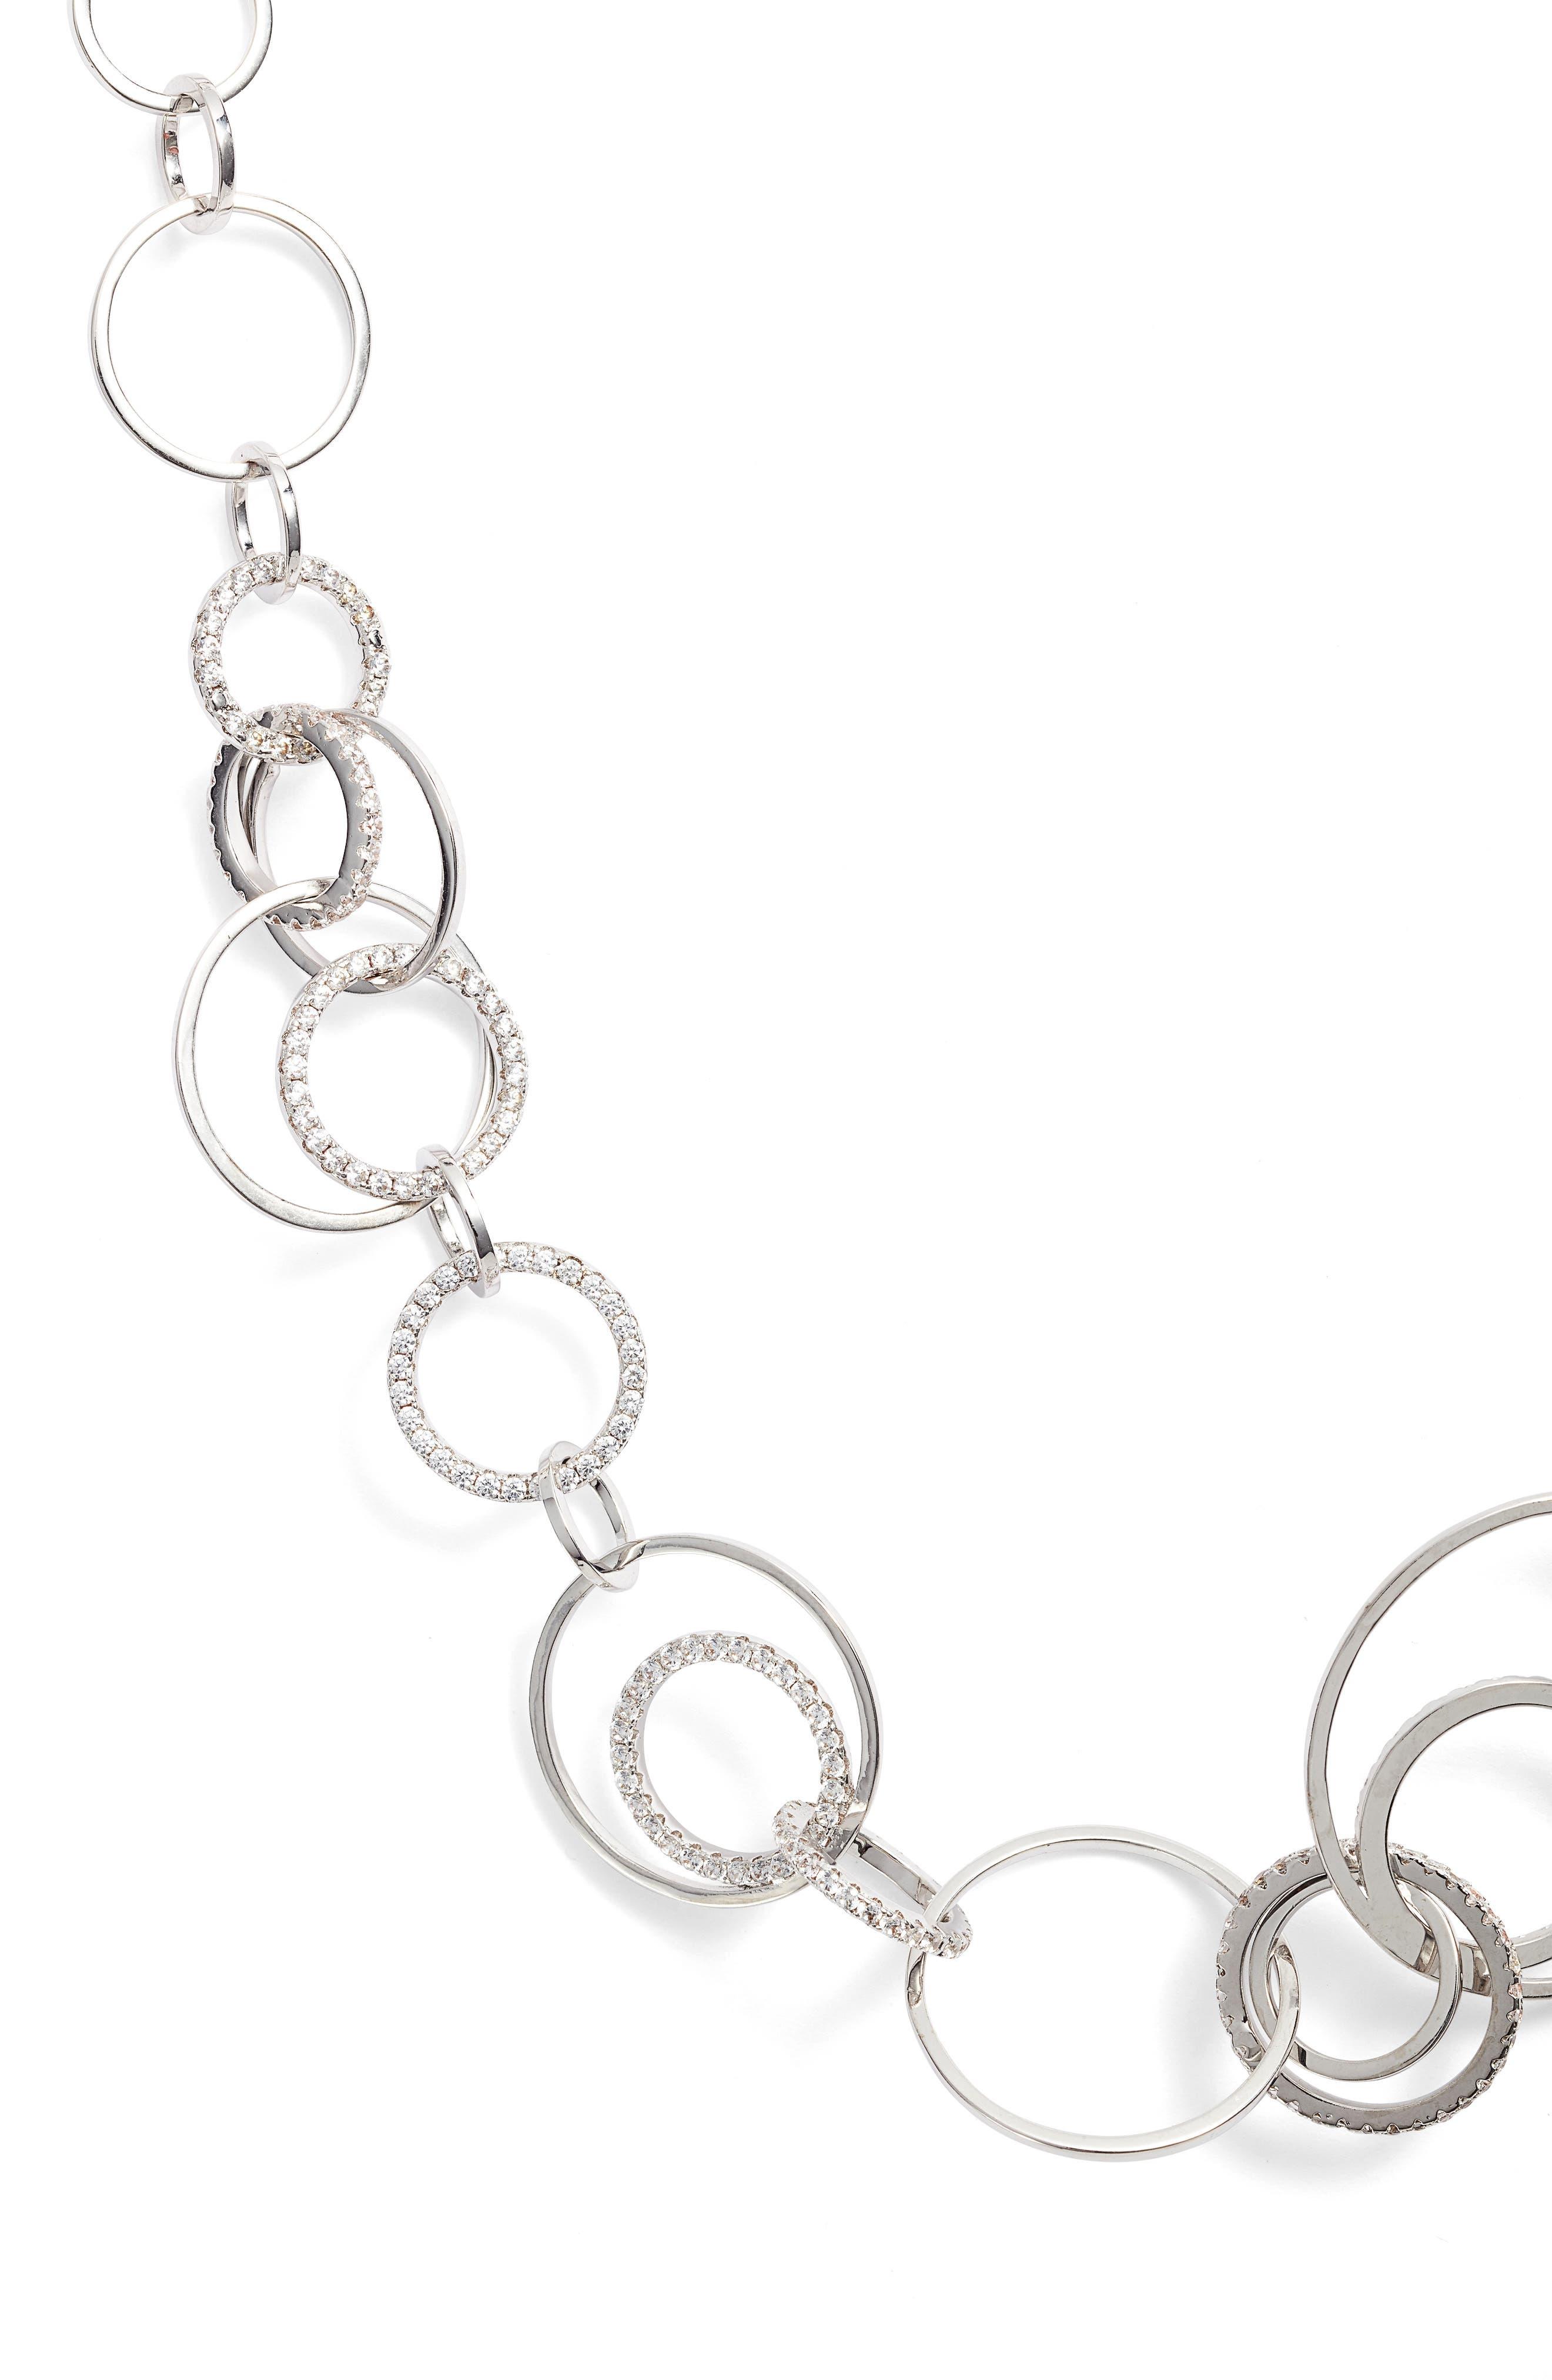 Sarah Cubic Zirconia Collar Necklace,                             Main thumbnail 1, color,                             041